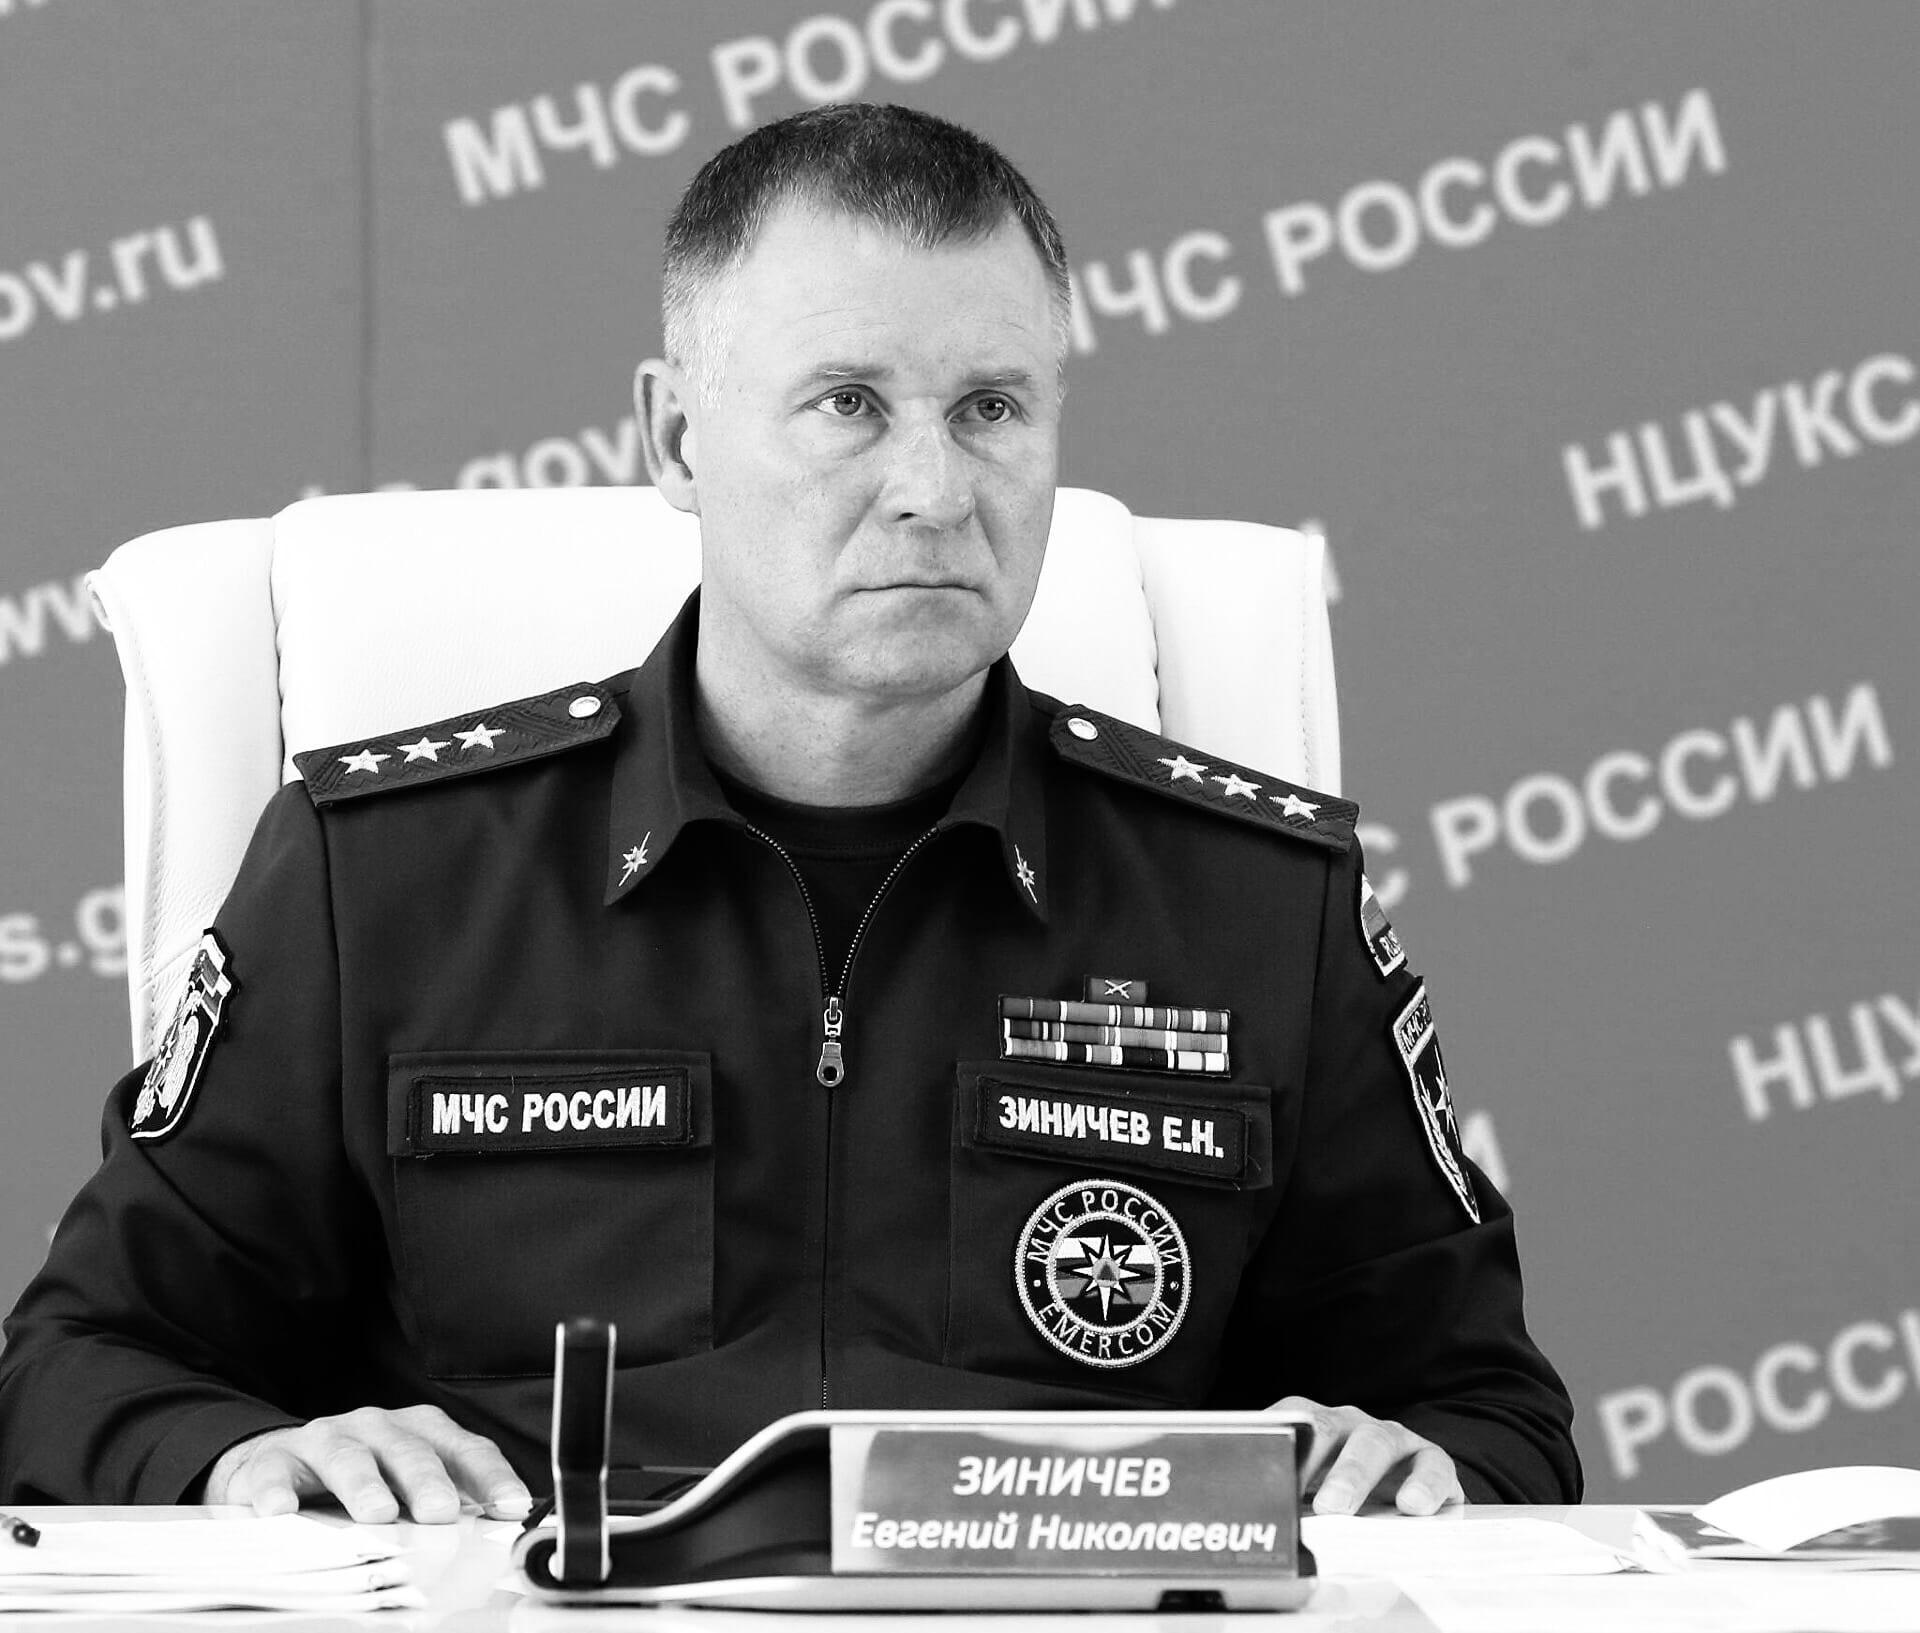 Глава МЧС России Евгений Зиничев погиб, спасая